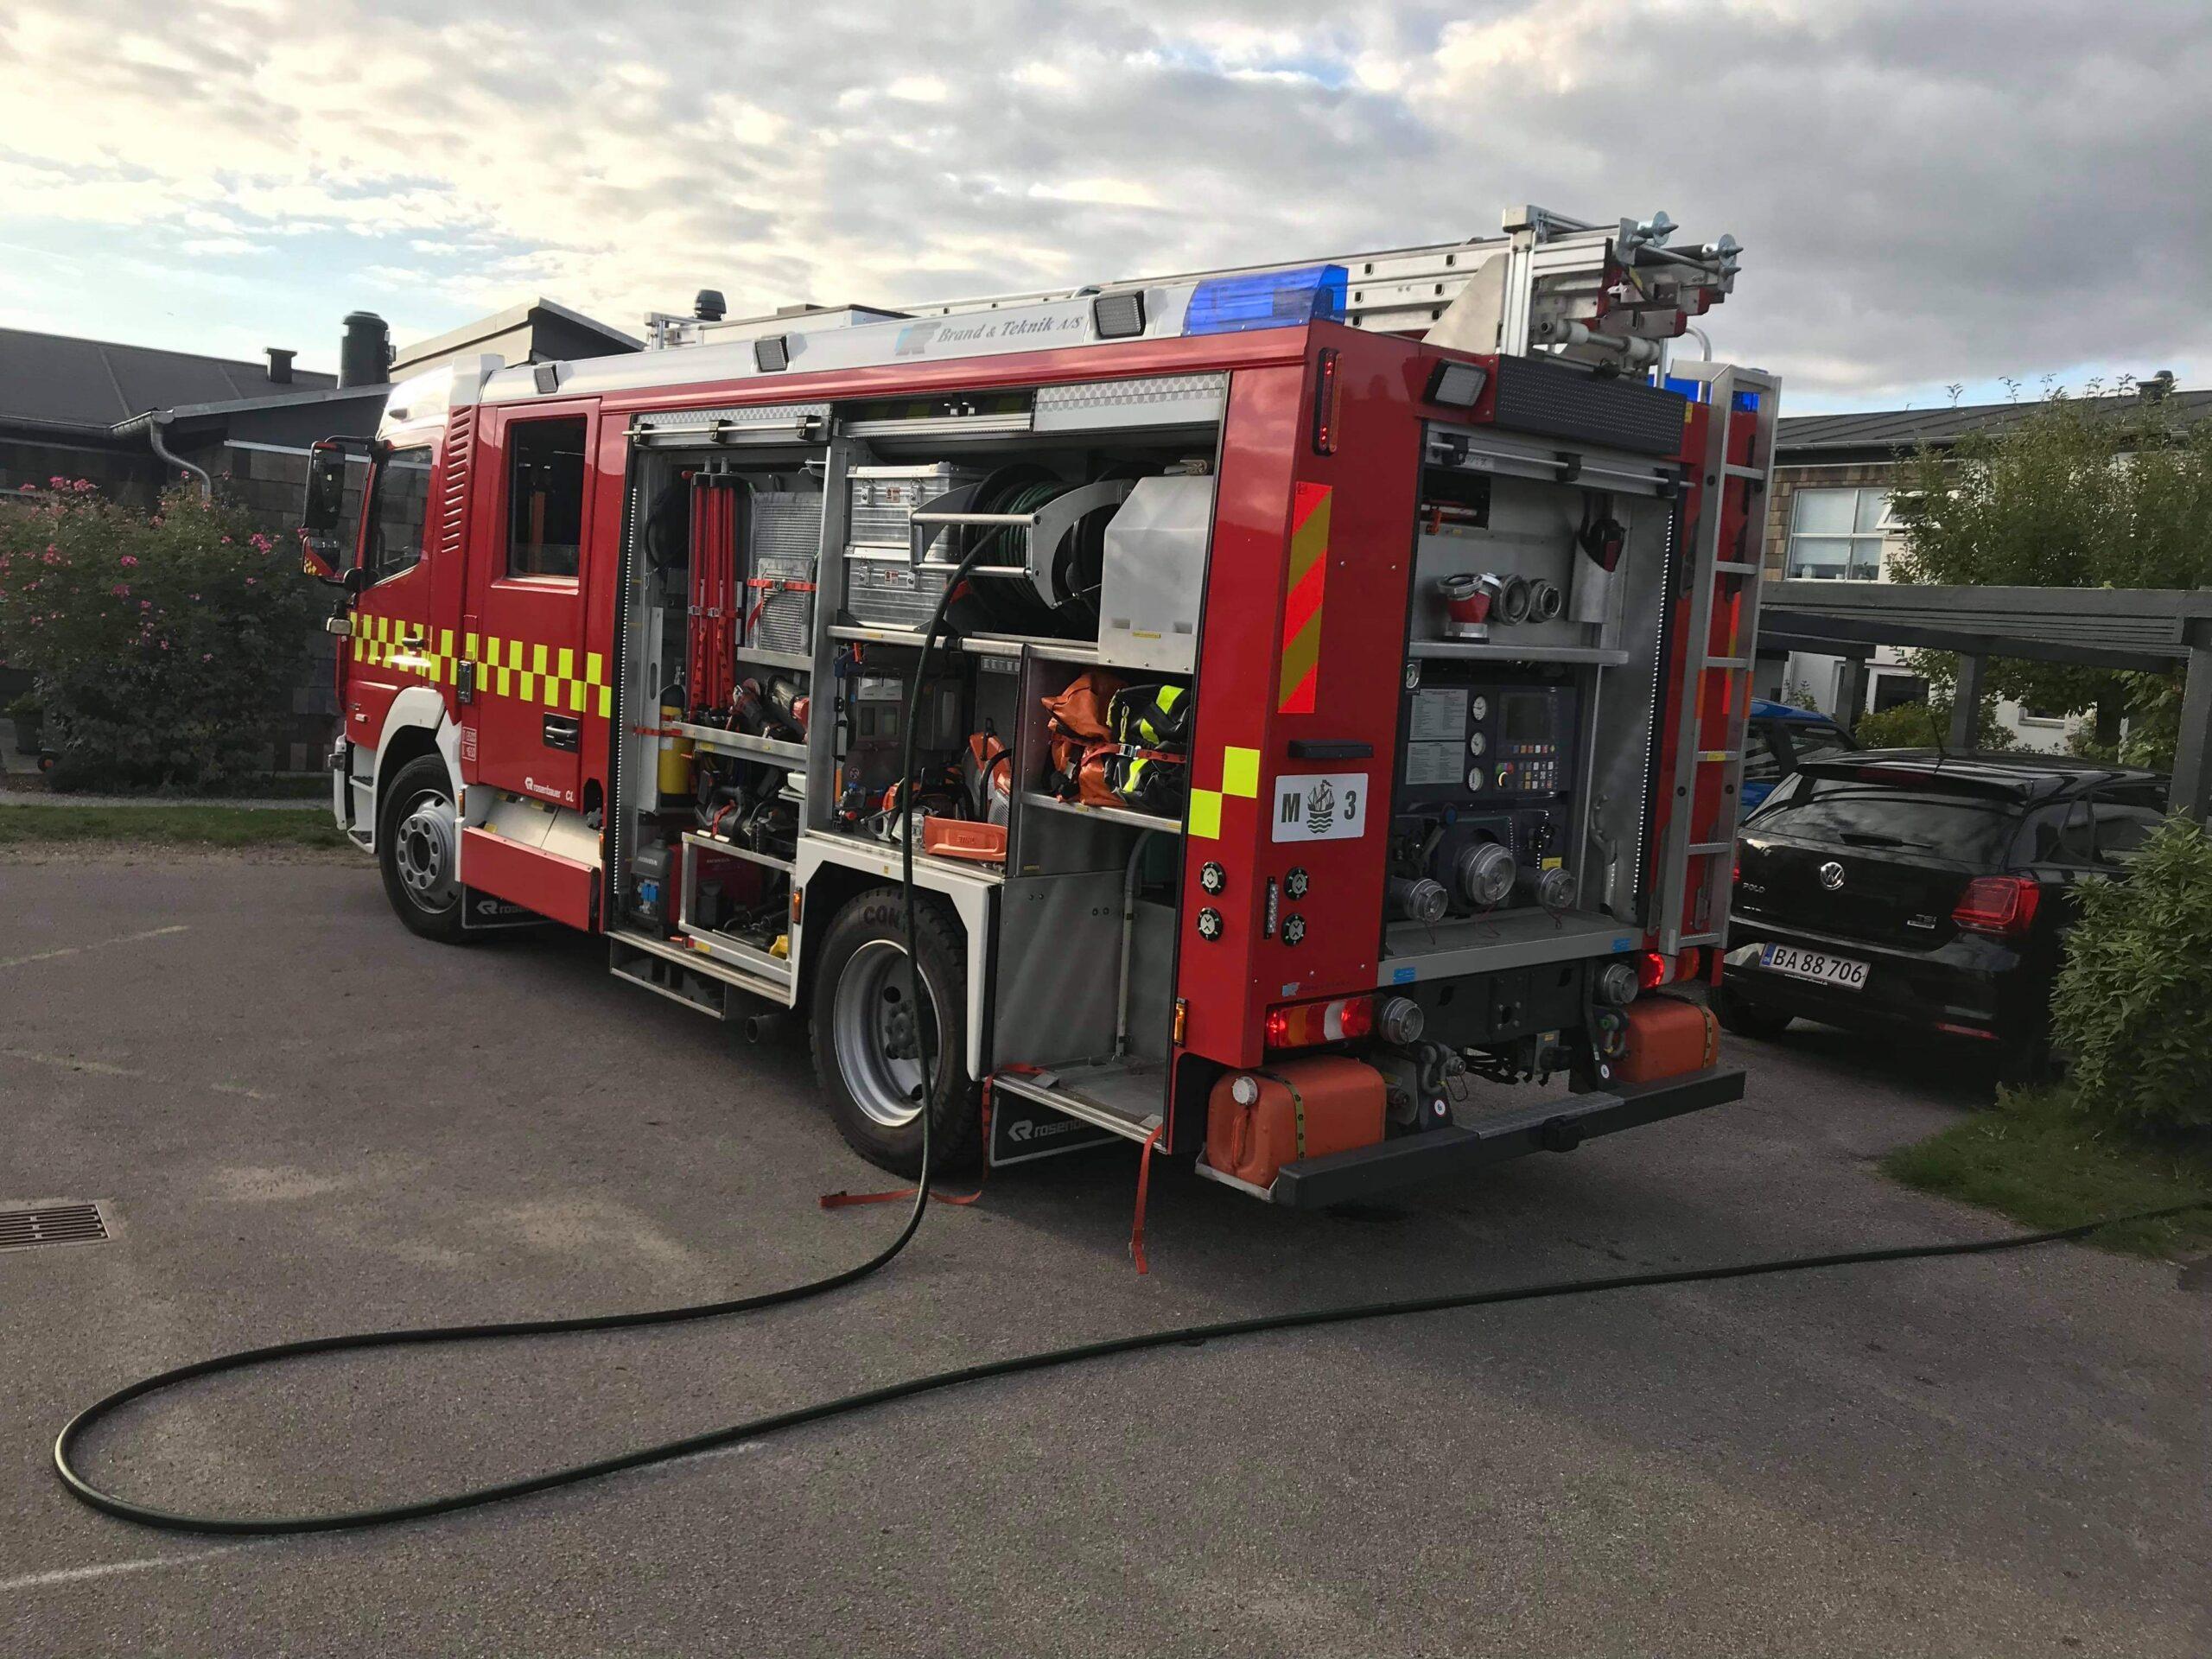 Ild i køkken - brandvæsnet til stede i Snekkersten